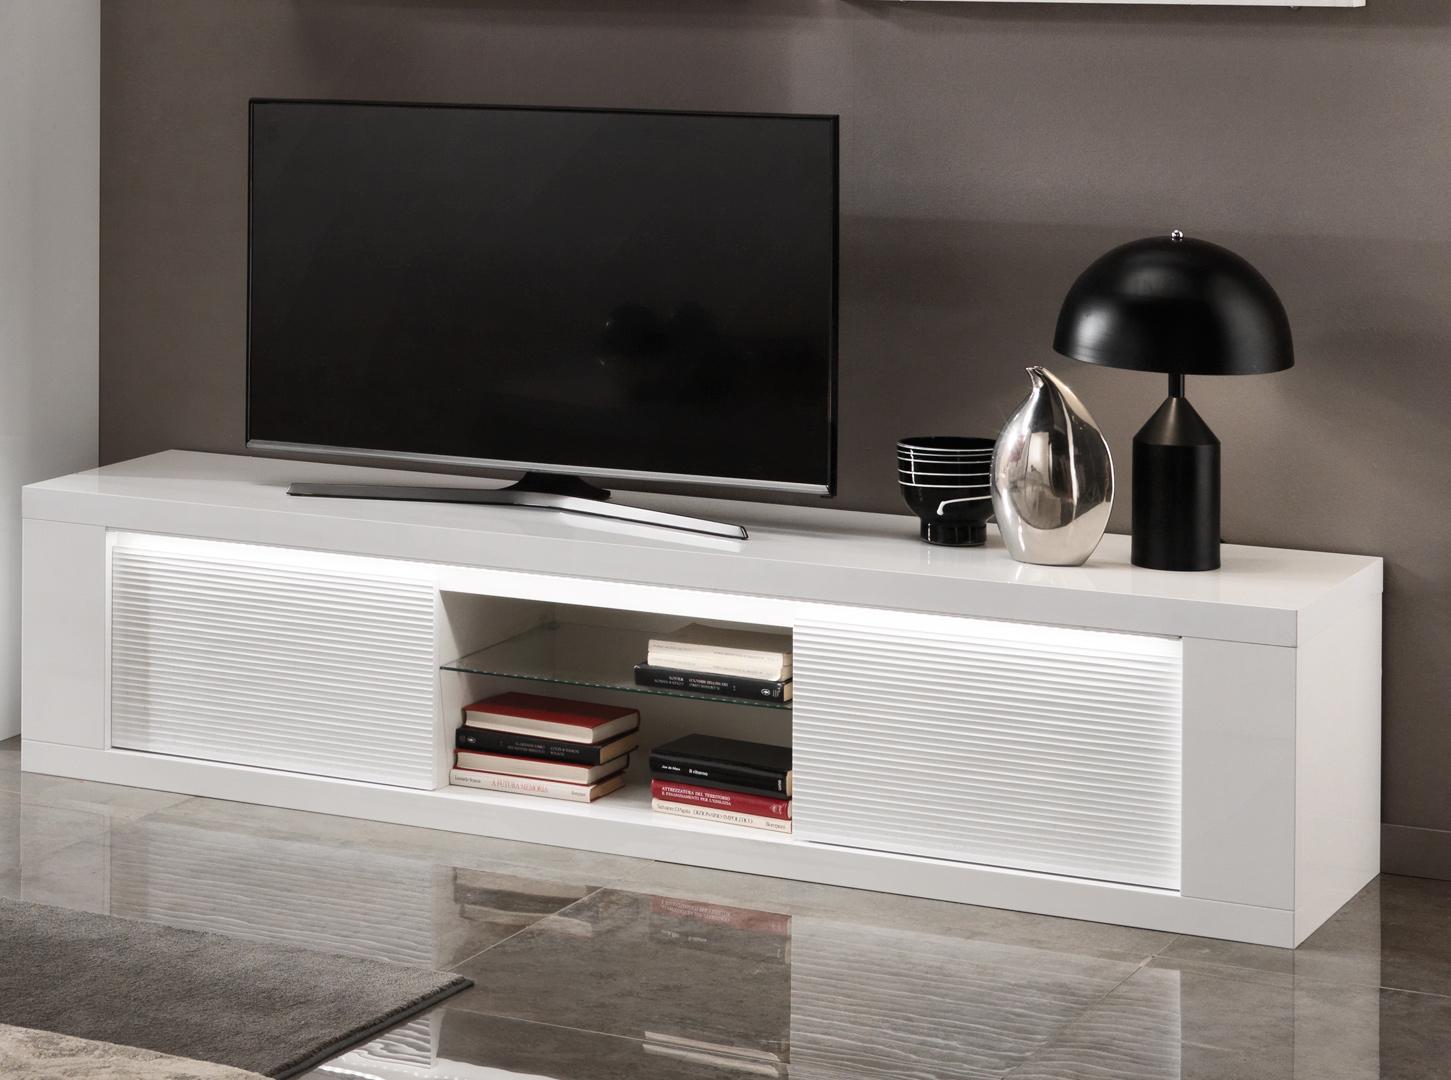 Meuble TV design laqué blanc avec éclairage 195 cm Roselia